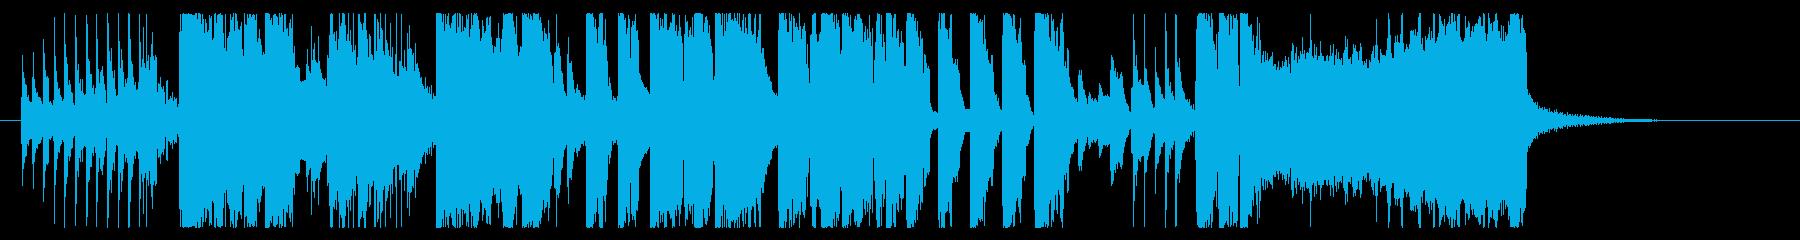 ビッグバンドのナイトショーオープニング風の再生済みの波形